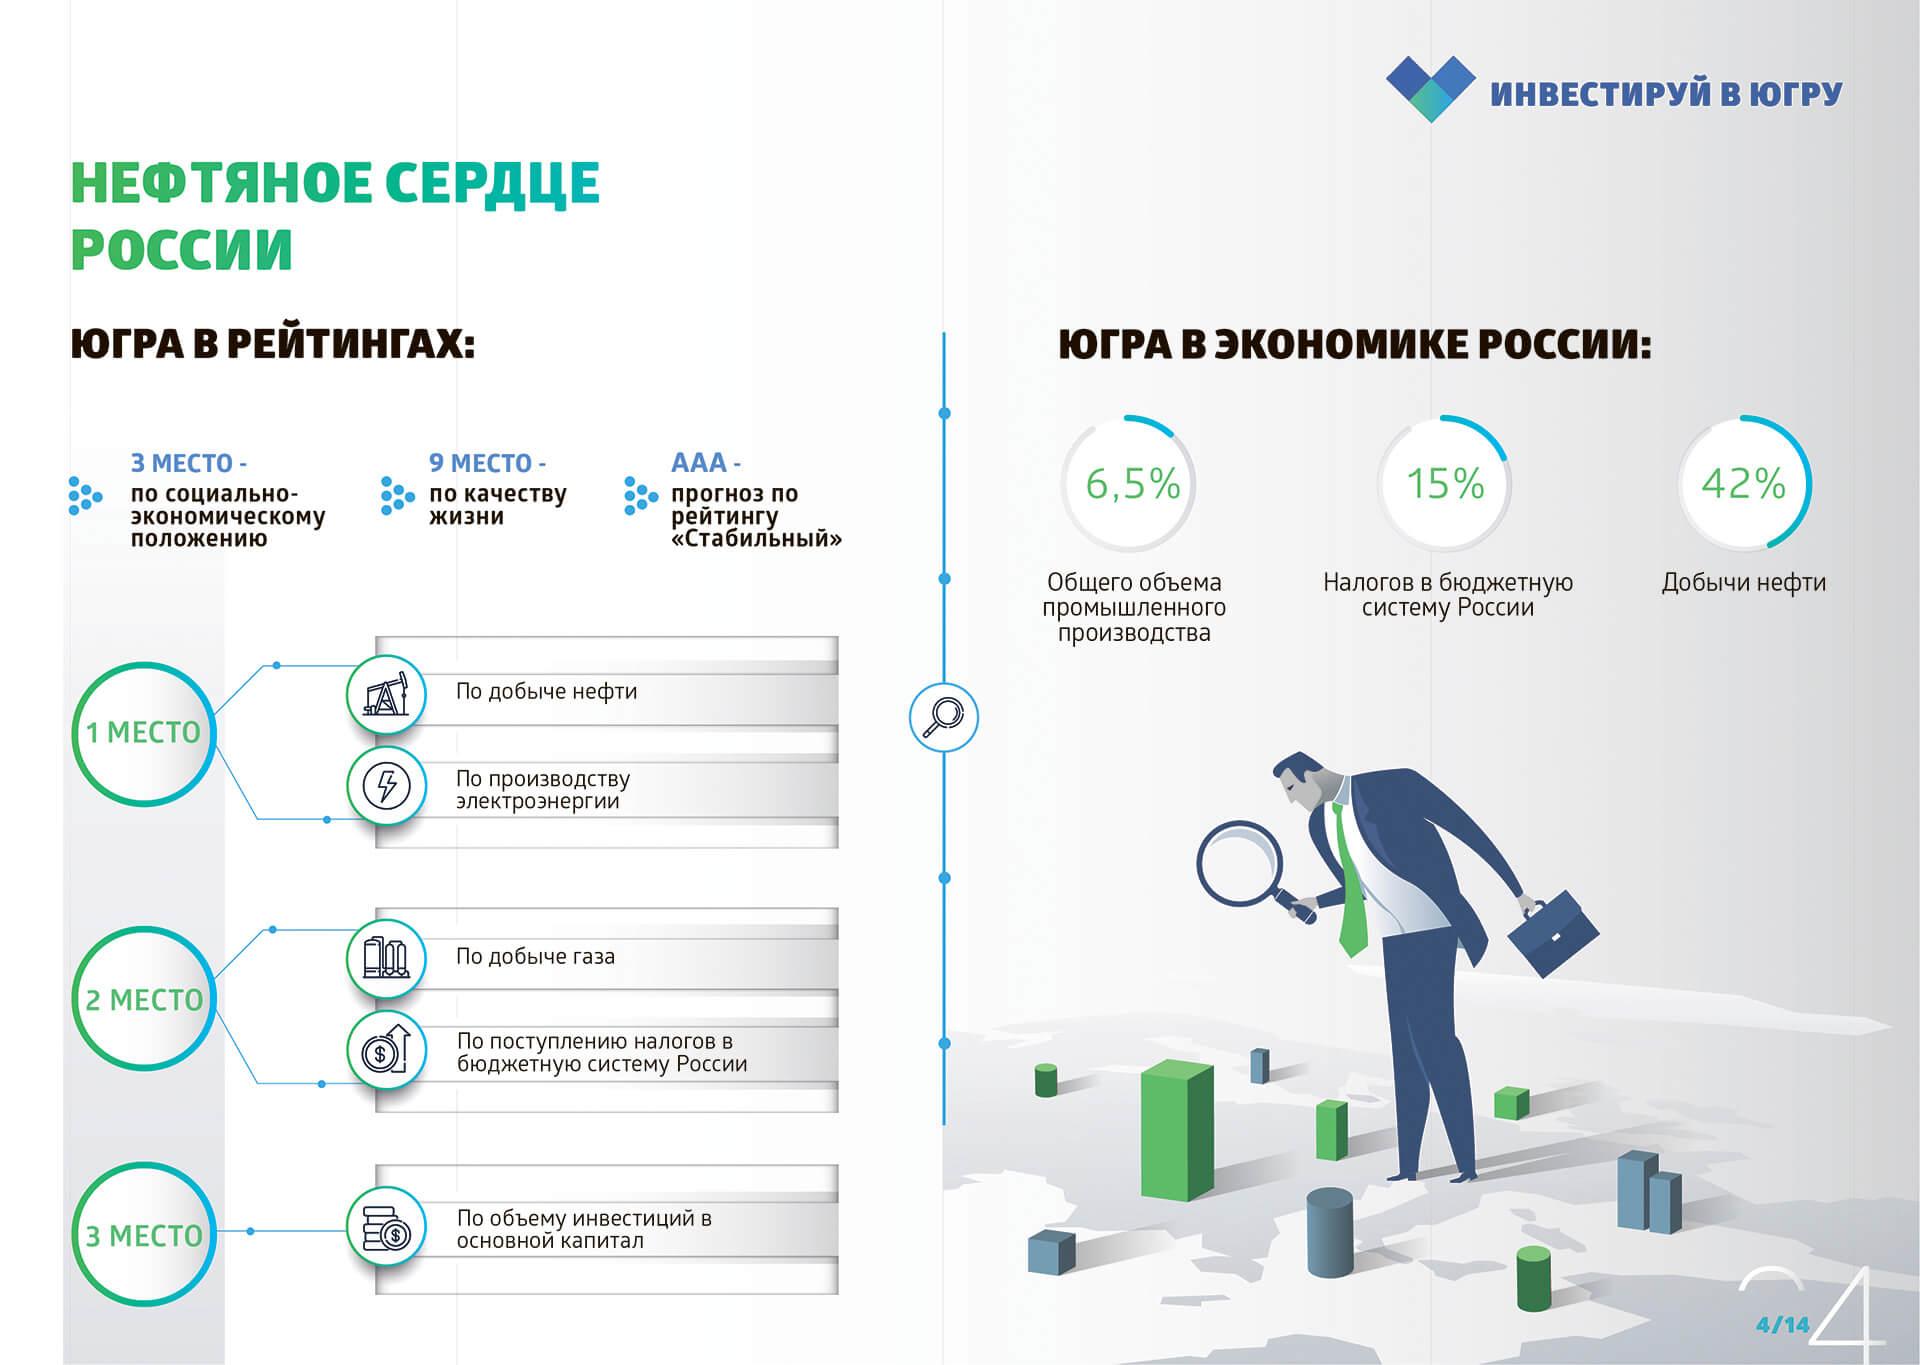 Заказать презентацию для инвестора под ключ в Москве